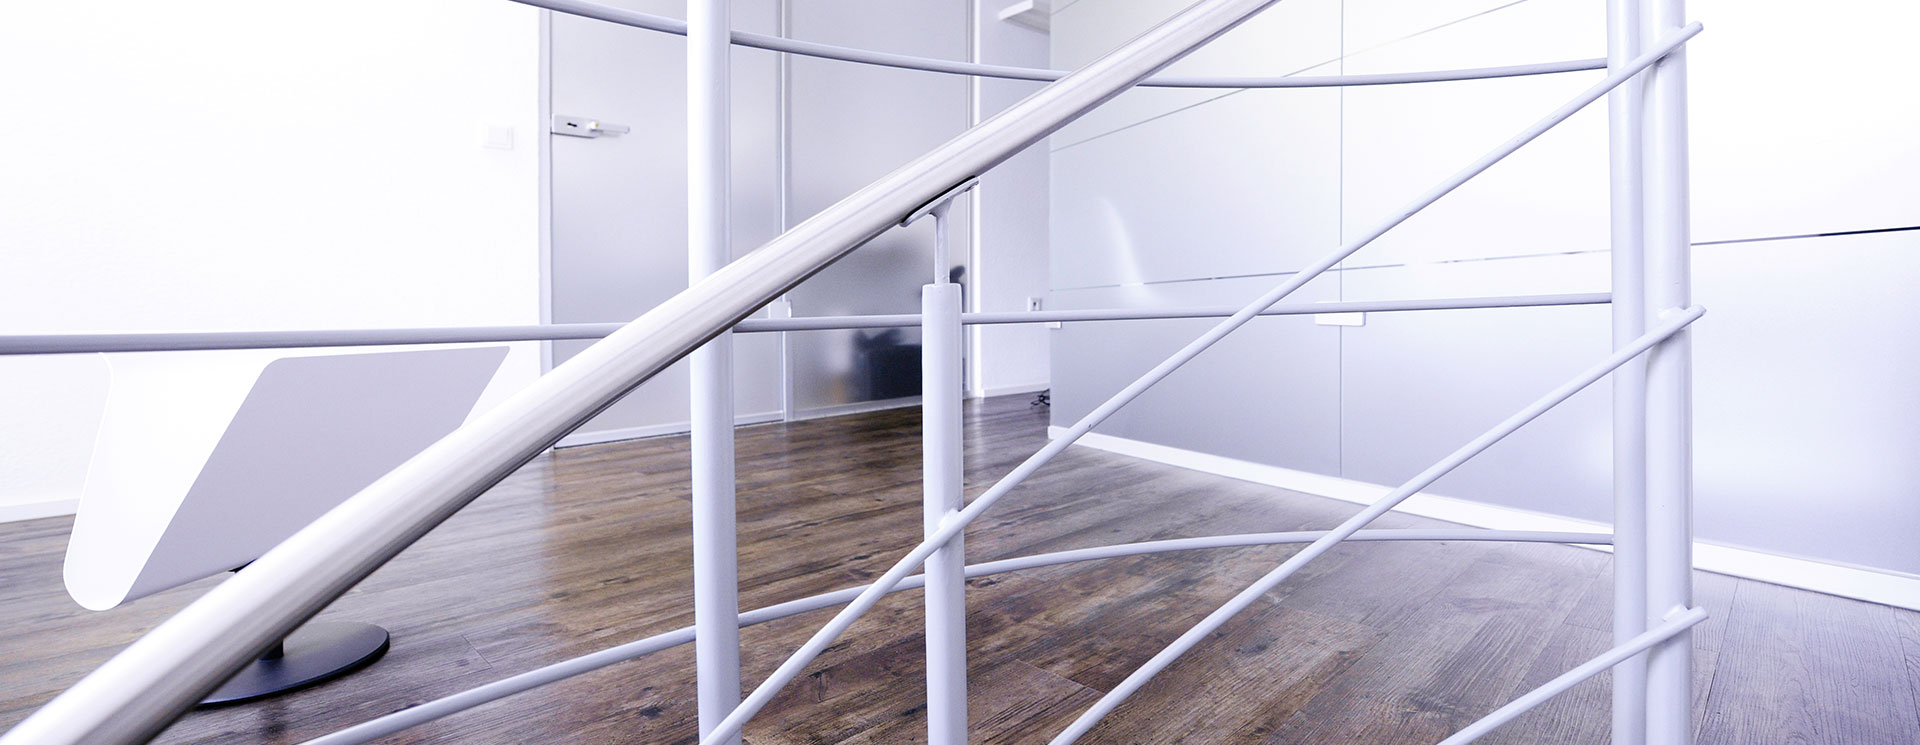 zahnarzt nürnberg dr. meisel - praxis auf zwei etagen